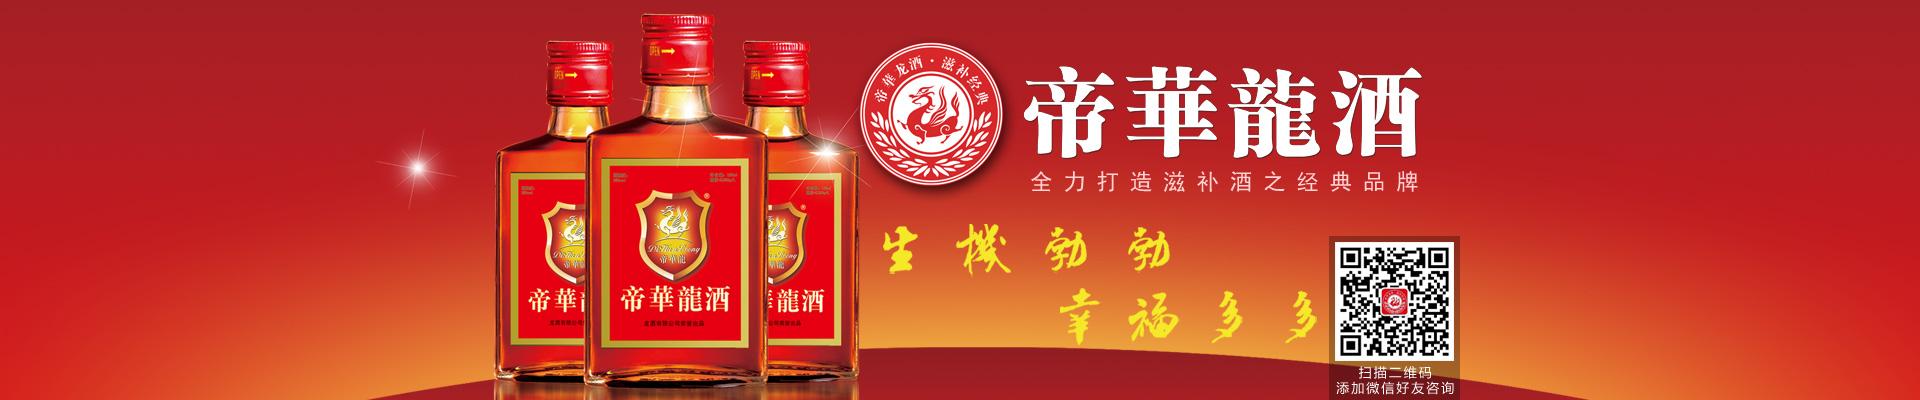 许昌龙酒酒业有限公司